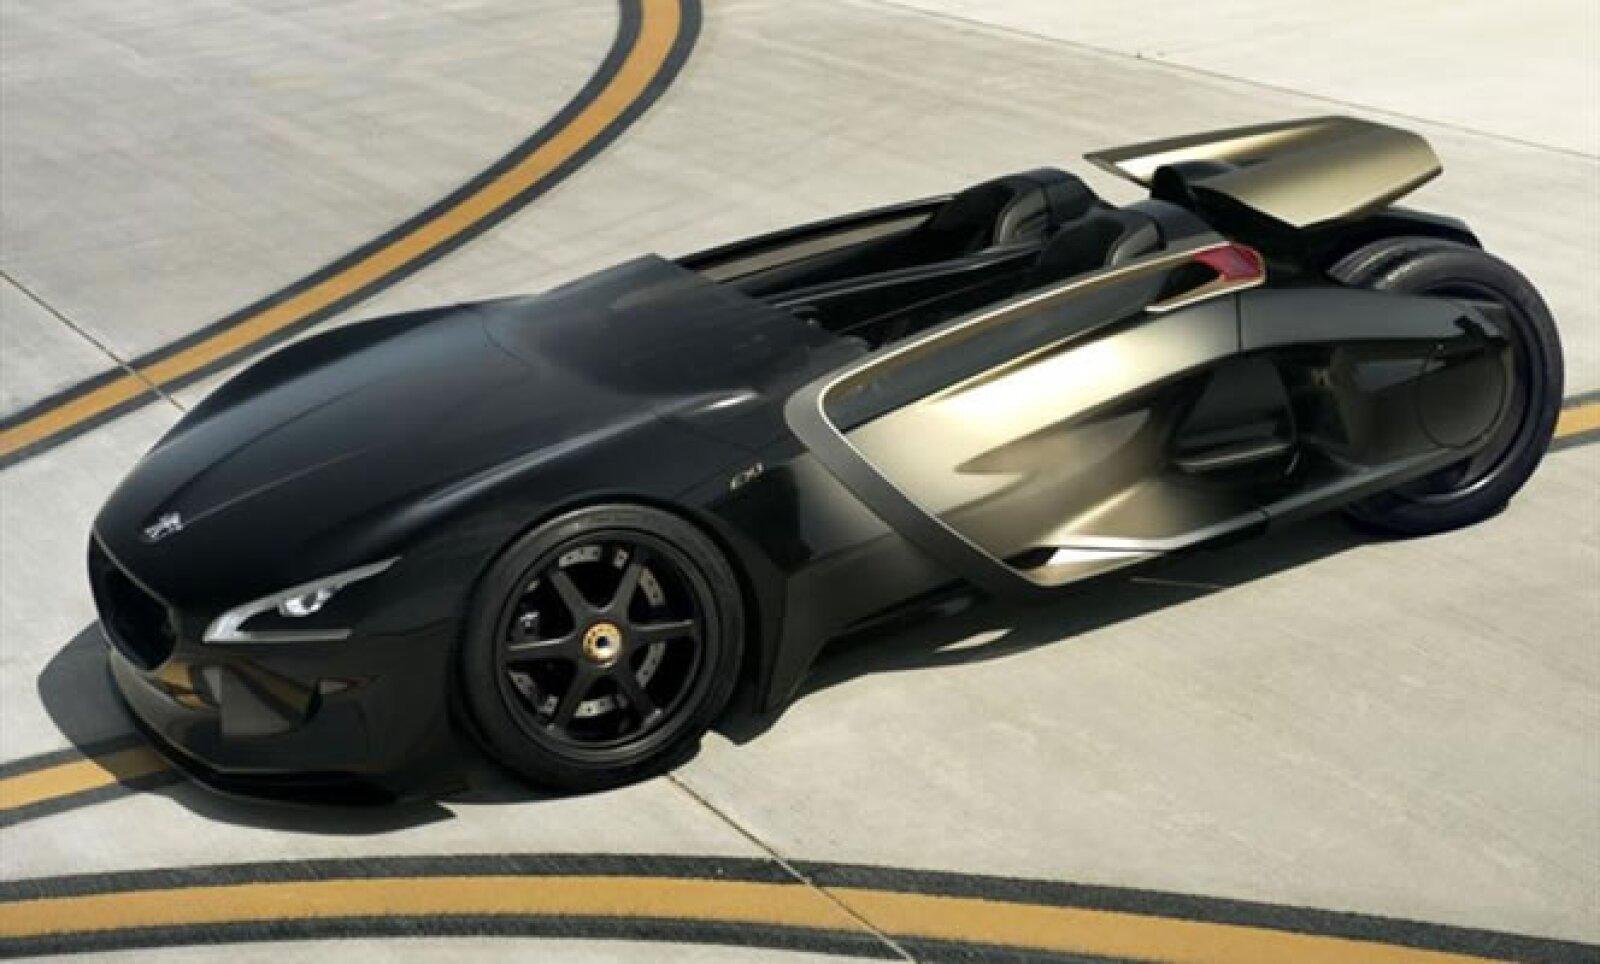 La propuesta mecánica es interesante ya que el chasis es fabricado en fibra de carbono, y su forma estilo gota de agua anuncia mejor respuesta de manejo. Sus dos motores eléctricos le permiten alcanzar los 100 km/h en apenas 3.5 segundos.